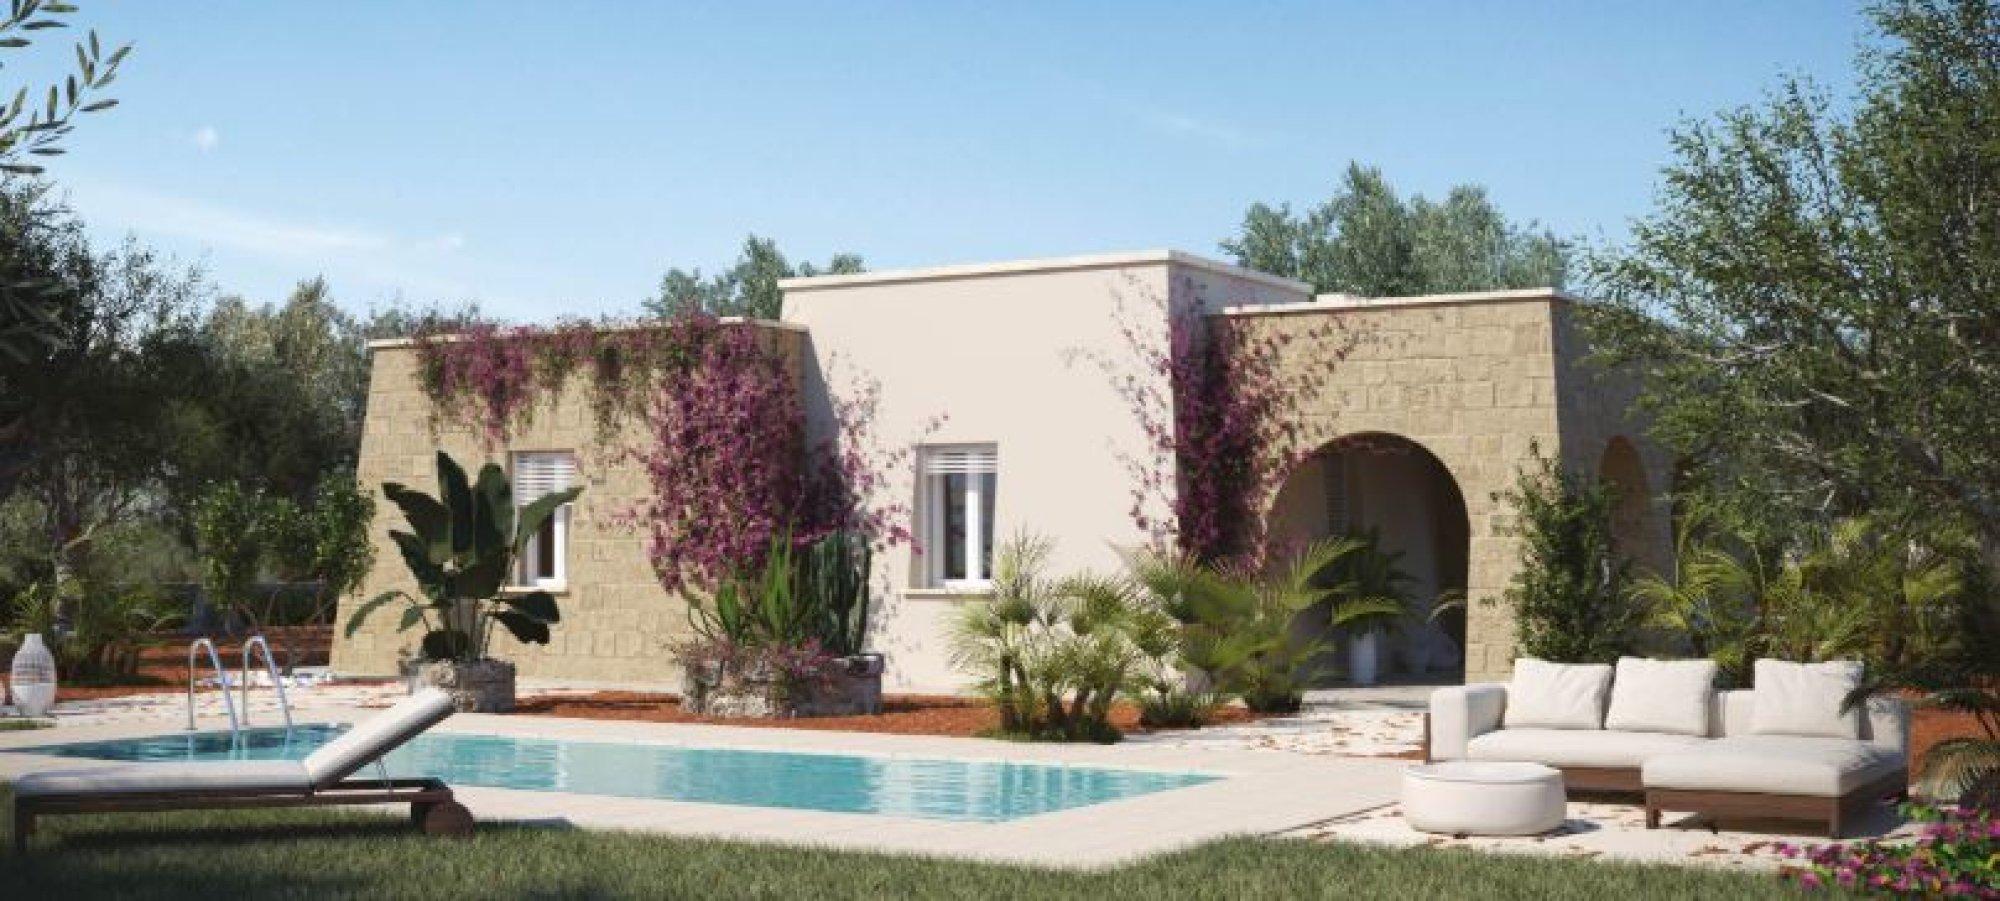 Villa con Piscina da realizzare a 3 km dalla spiaggia di Pescoluse. - Salve